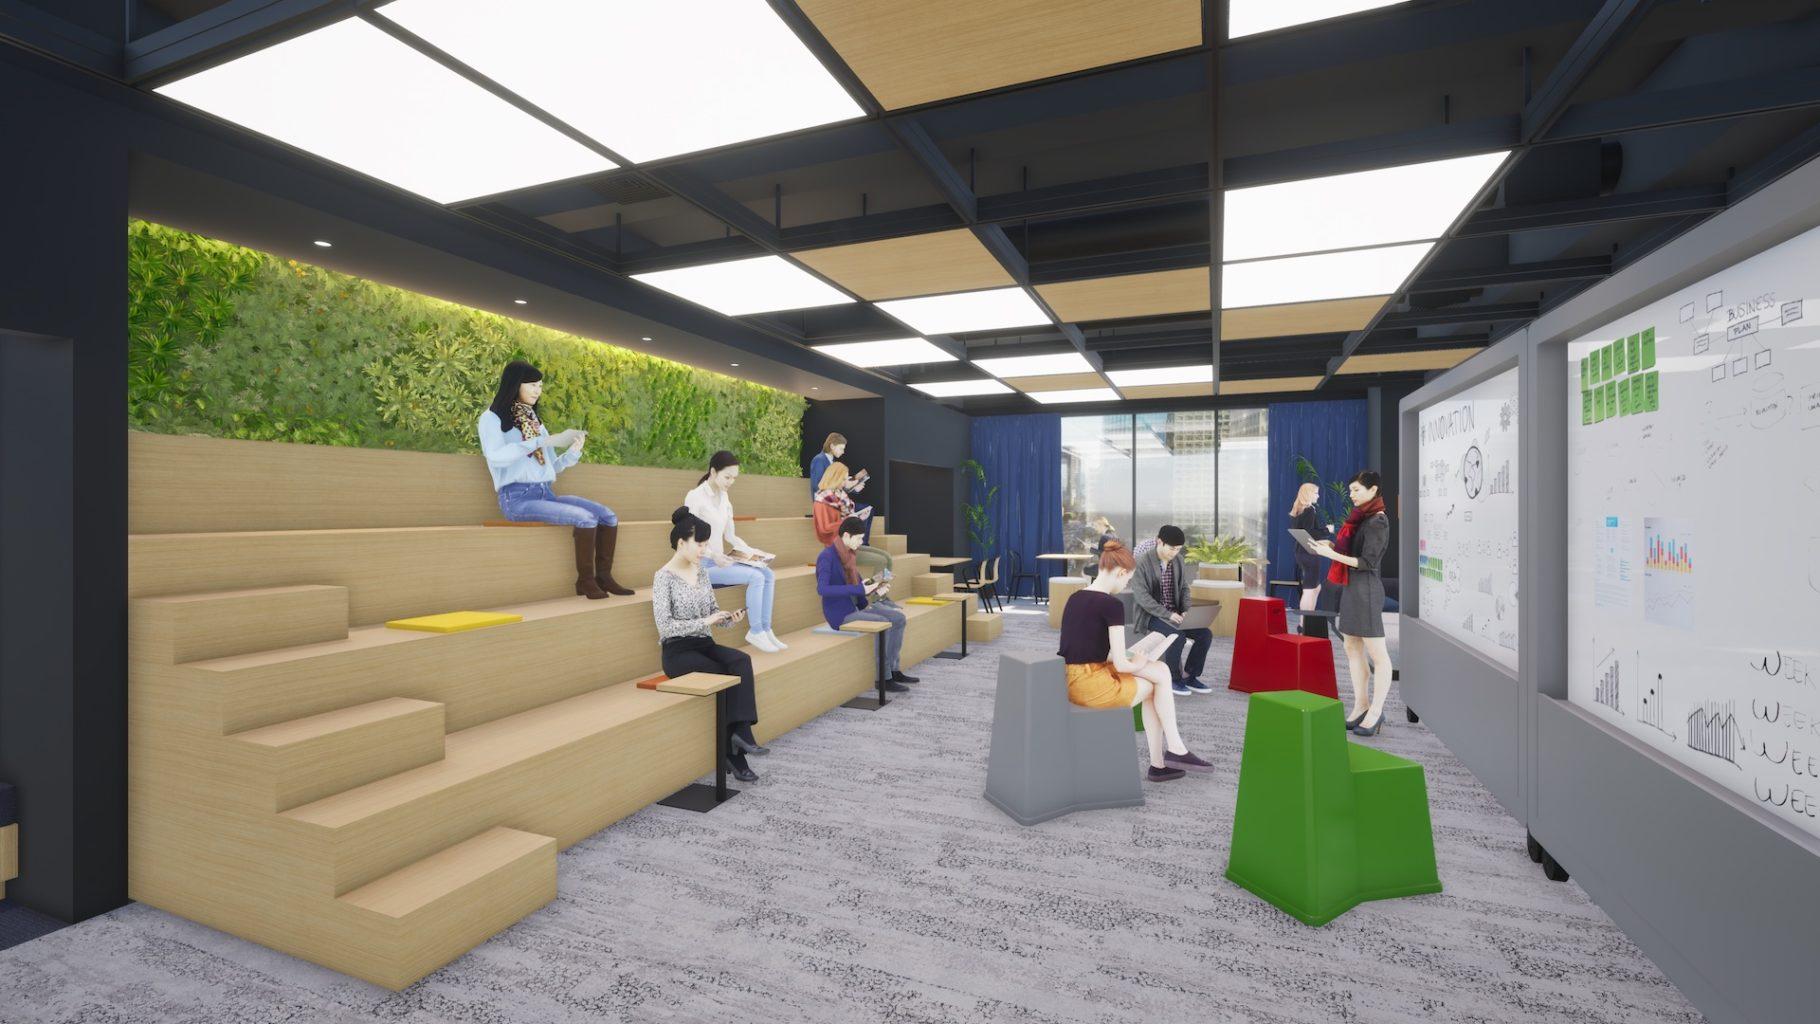 サテライトオフィス内の多目的に使えるひな壇状のプレゼンテーションスペースのイメージ